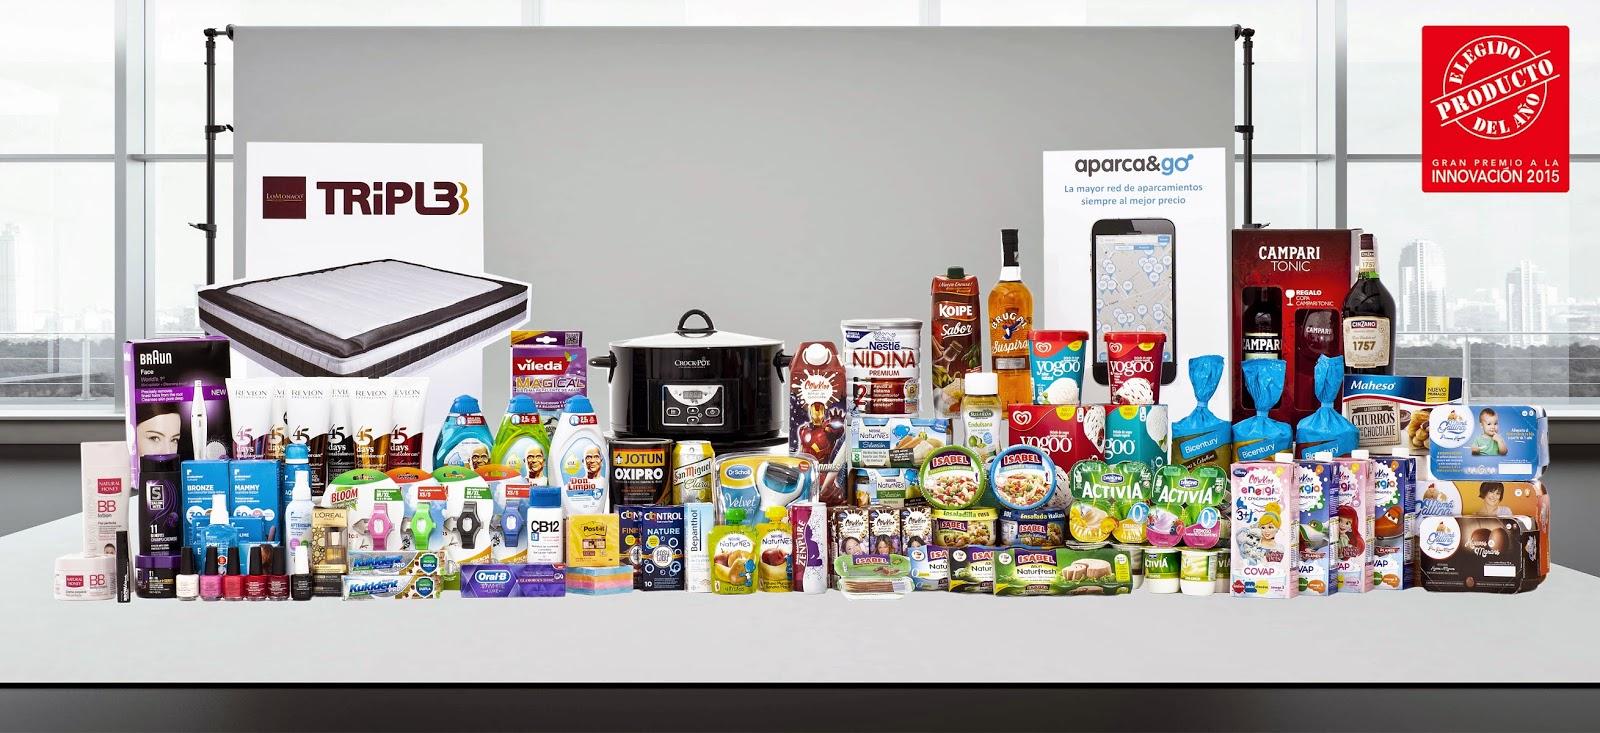 42 innovaciones galardonadas en la 15 edici n de el for Productos antihumedad para la casa